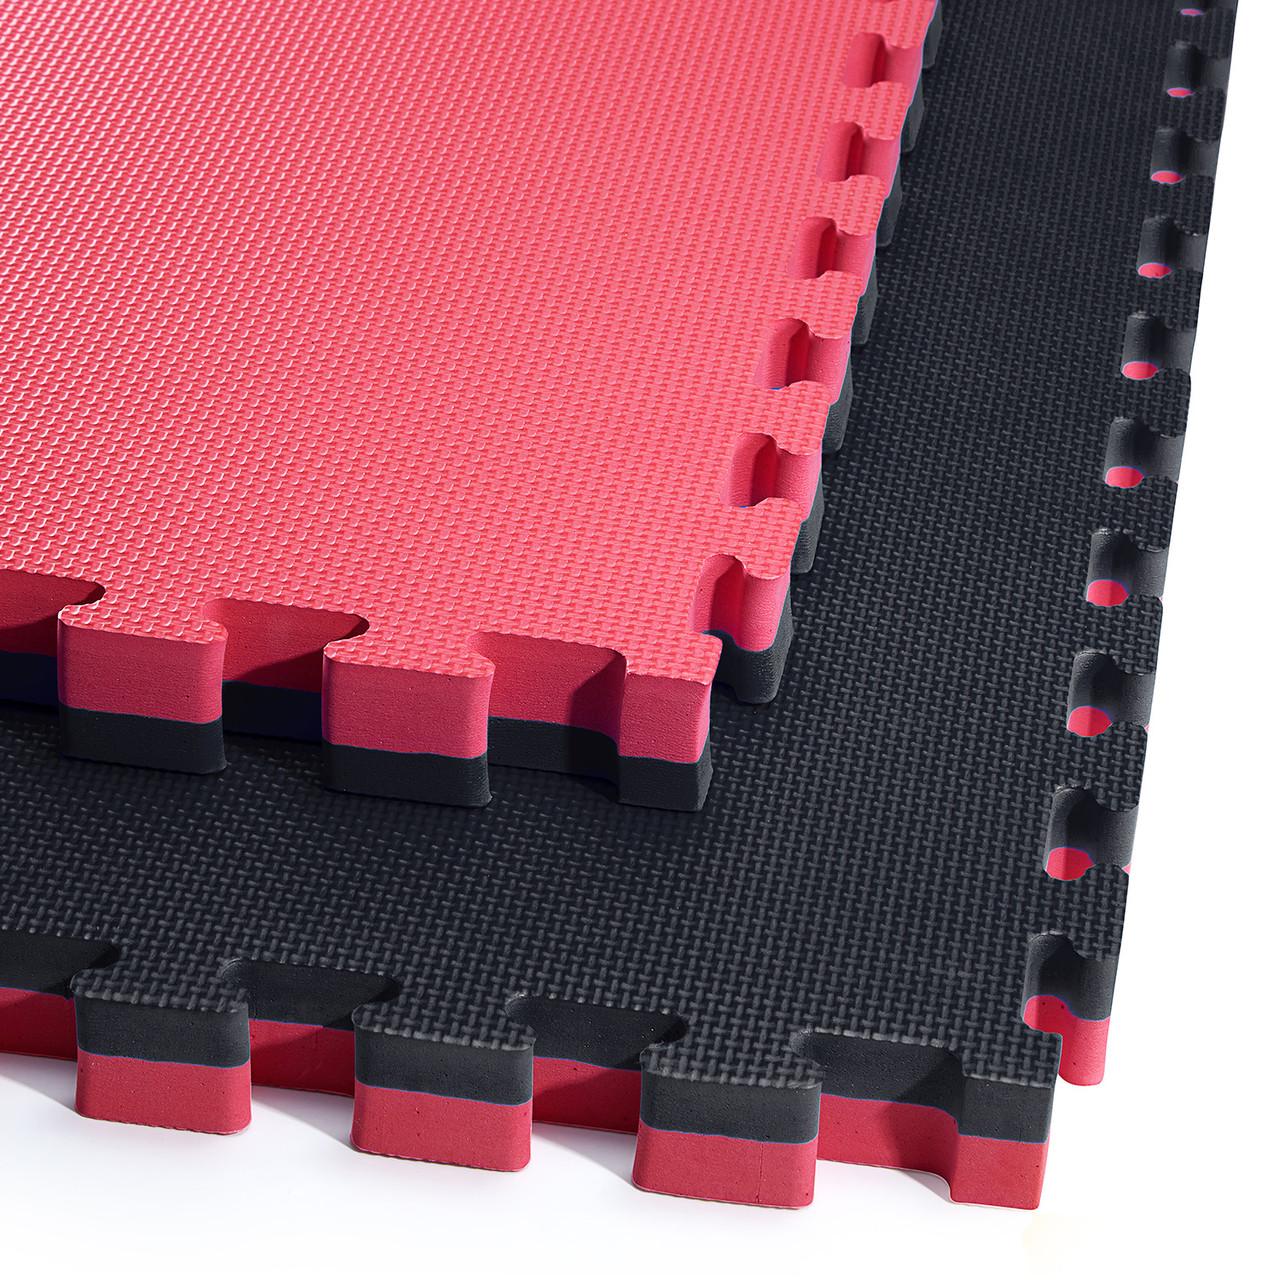 Мат-пазл (ласточкин хвост) 4FIZJO Mat Puzzle EVA 100 x 100 x 4 cм 4FJ0199 Black/Red. Мат-татами